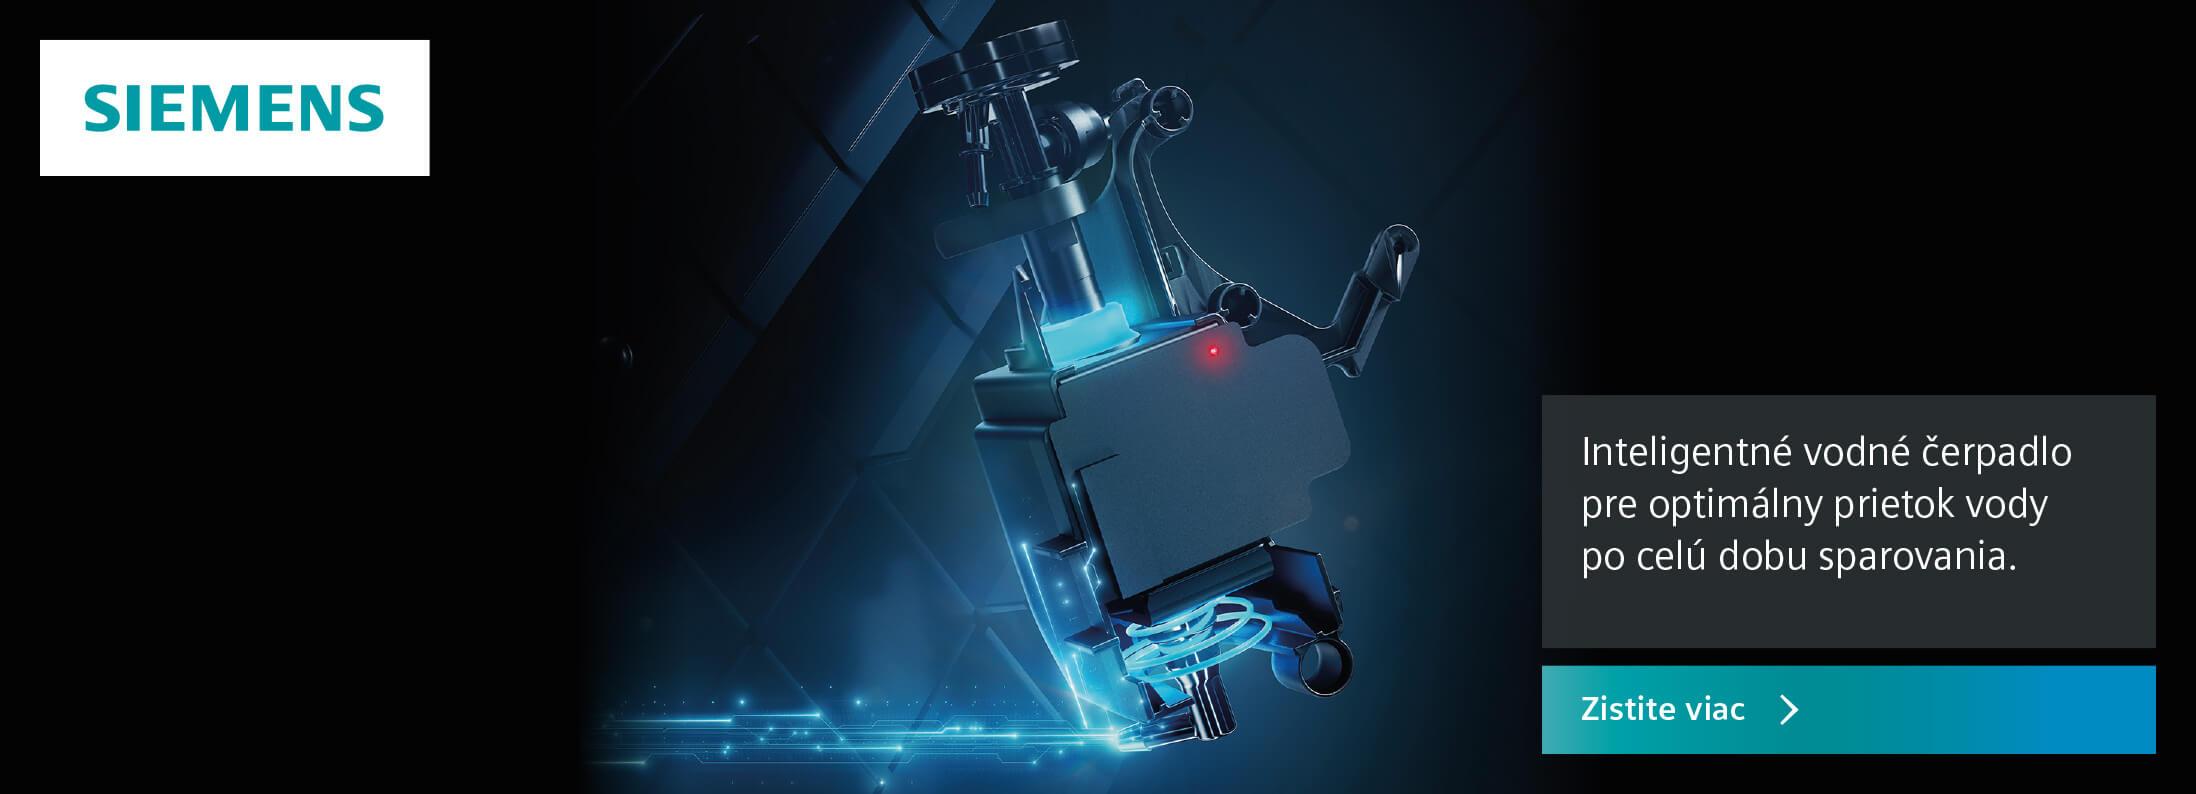 Siemens - Inteligentná pumpa